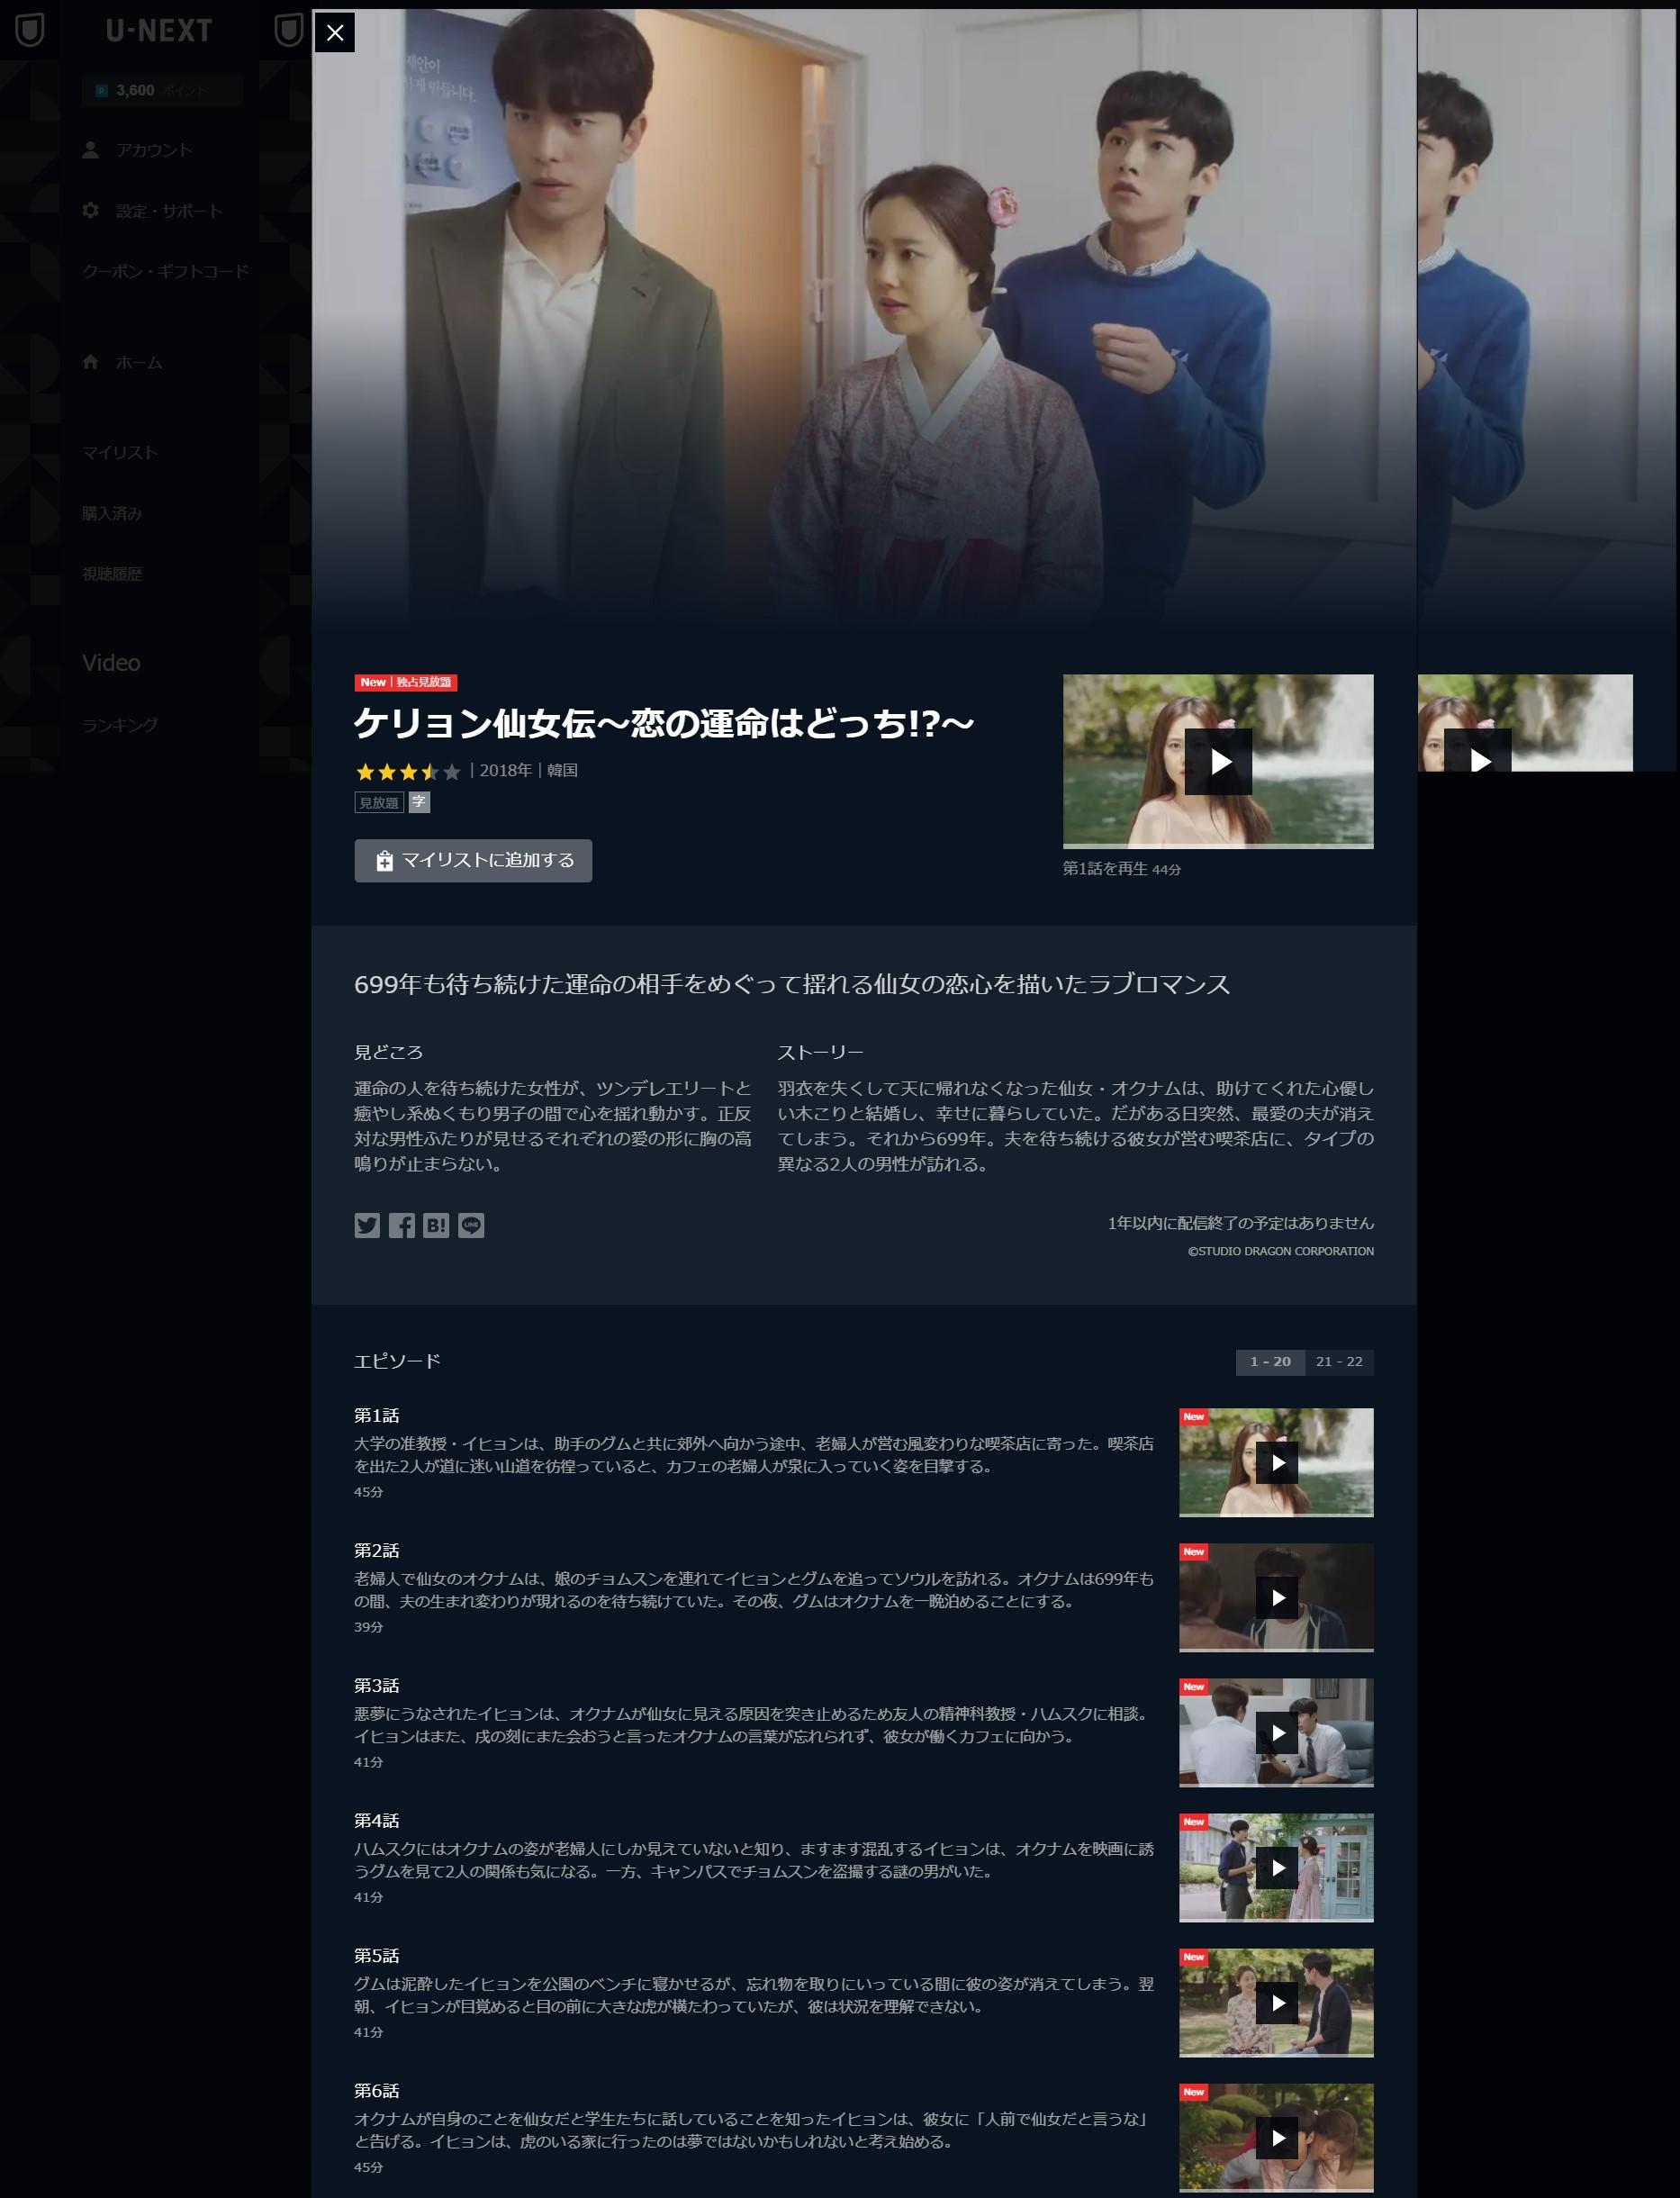 ケリョン仙女伝(韓国ドラマ)の動画無料視聴方法